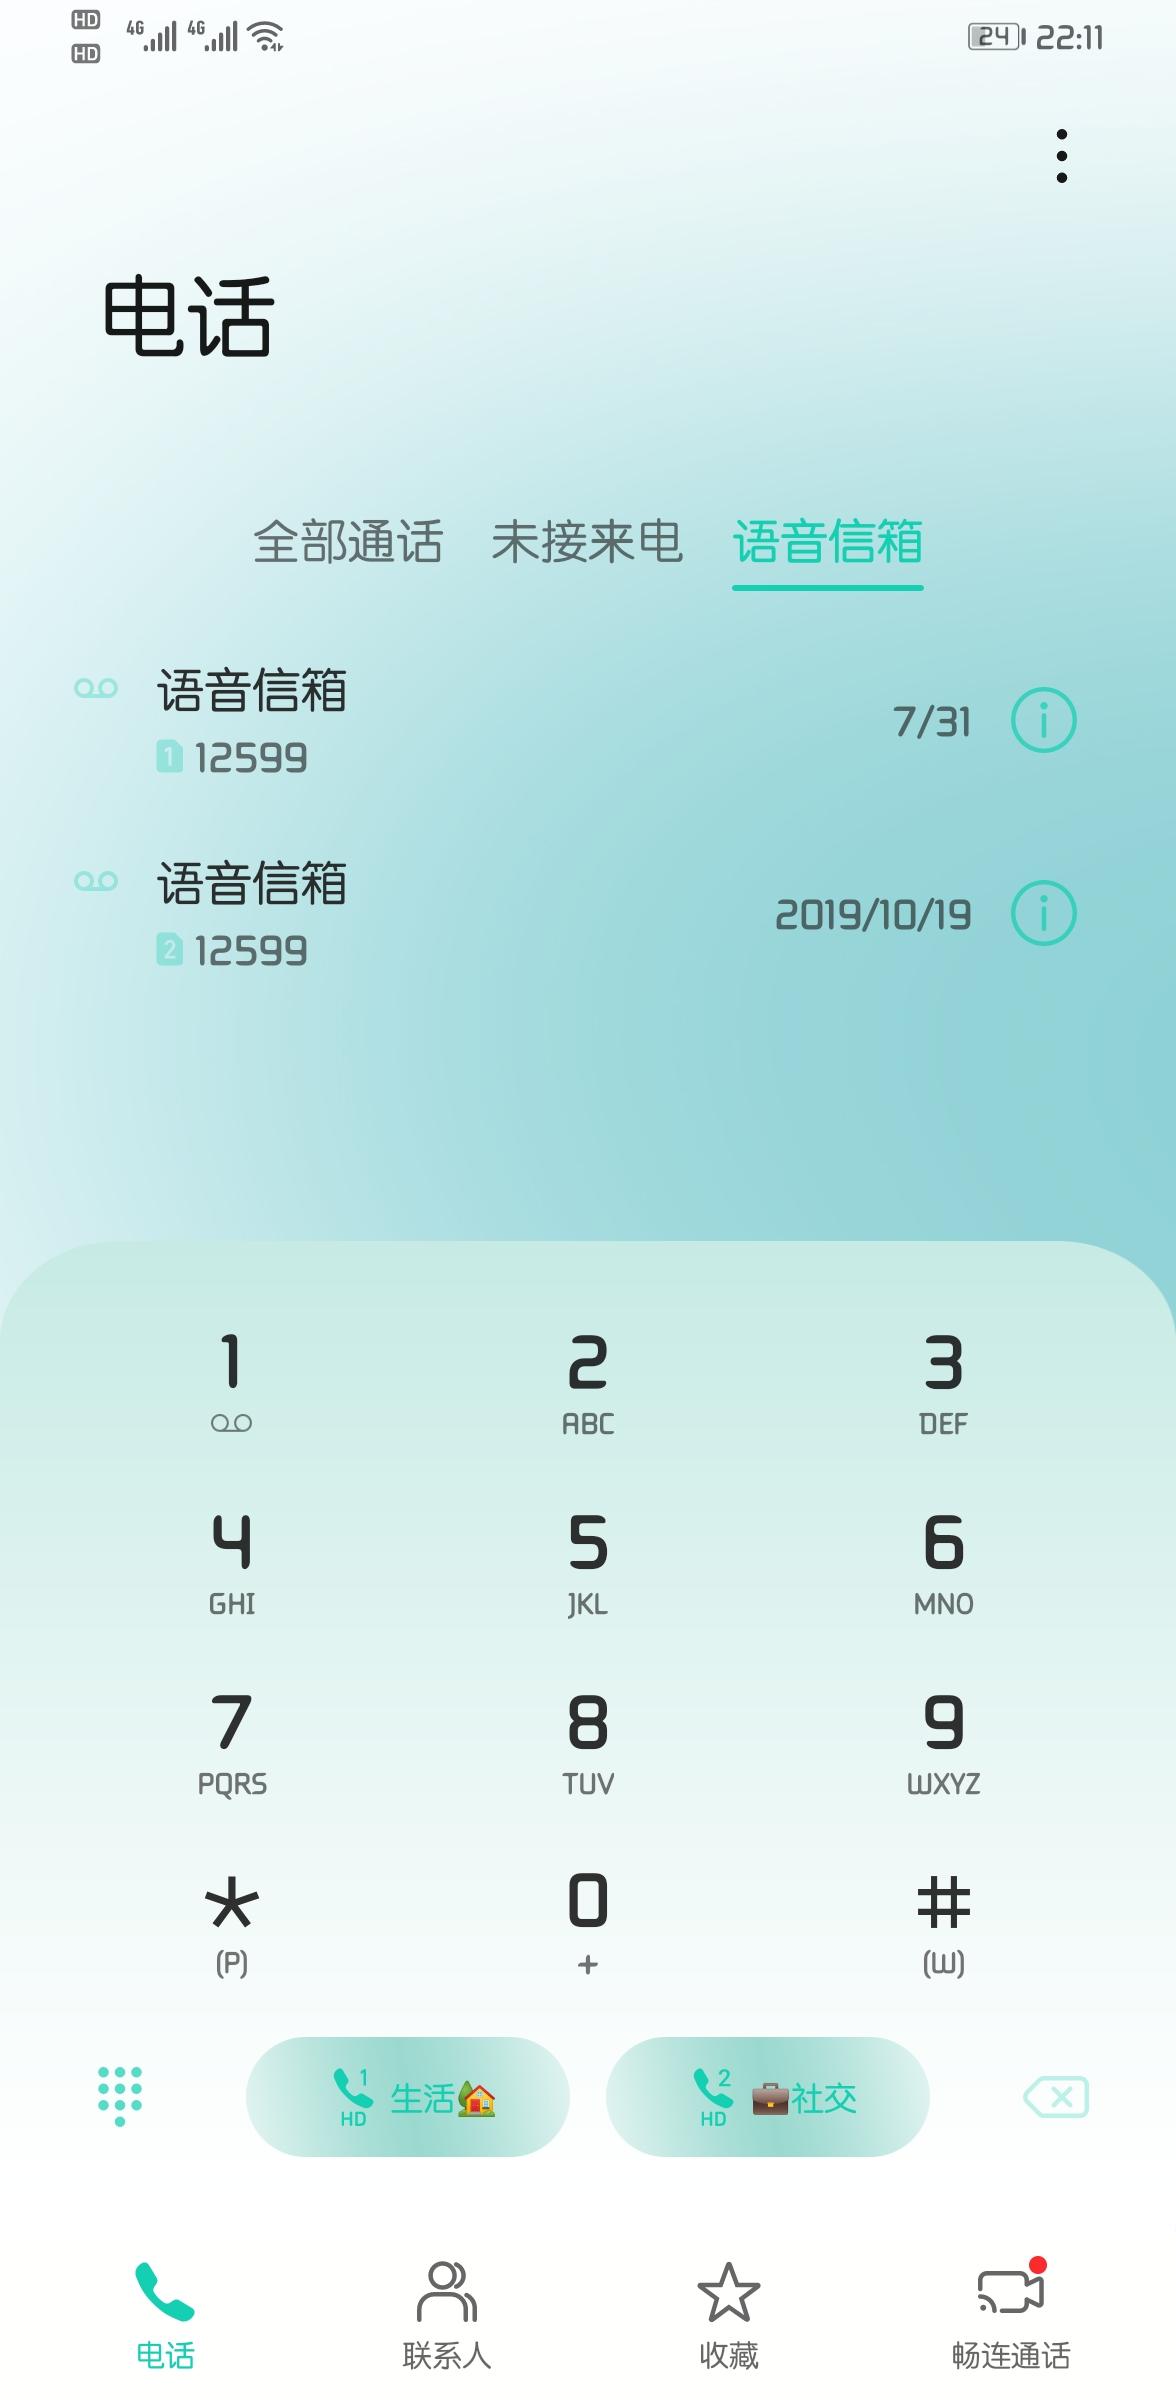 Screenshot_20200819_221117_com.huawei.contacts.jpg